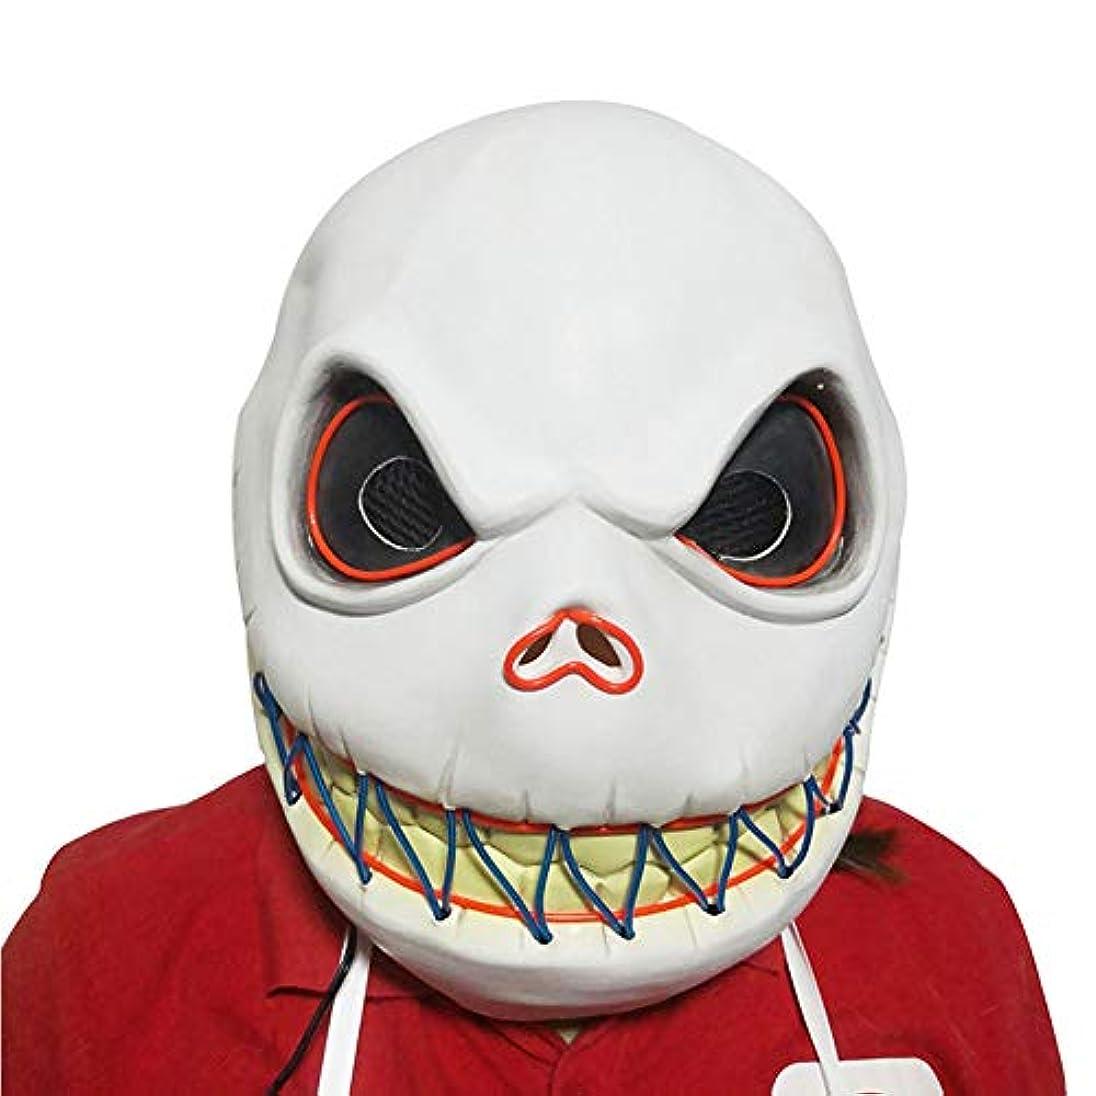 ボーカルイルボートハロウィーンマスク、顔をしかめるラテックスマスク、ハロウィーン、テーマパーティー、カーニバル、レイブパーティーに適しています。